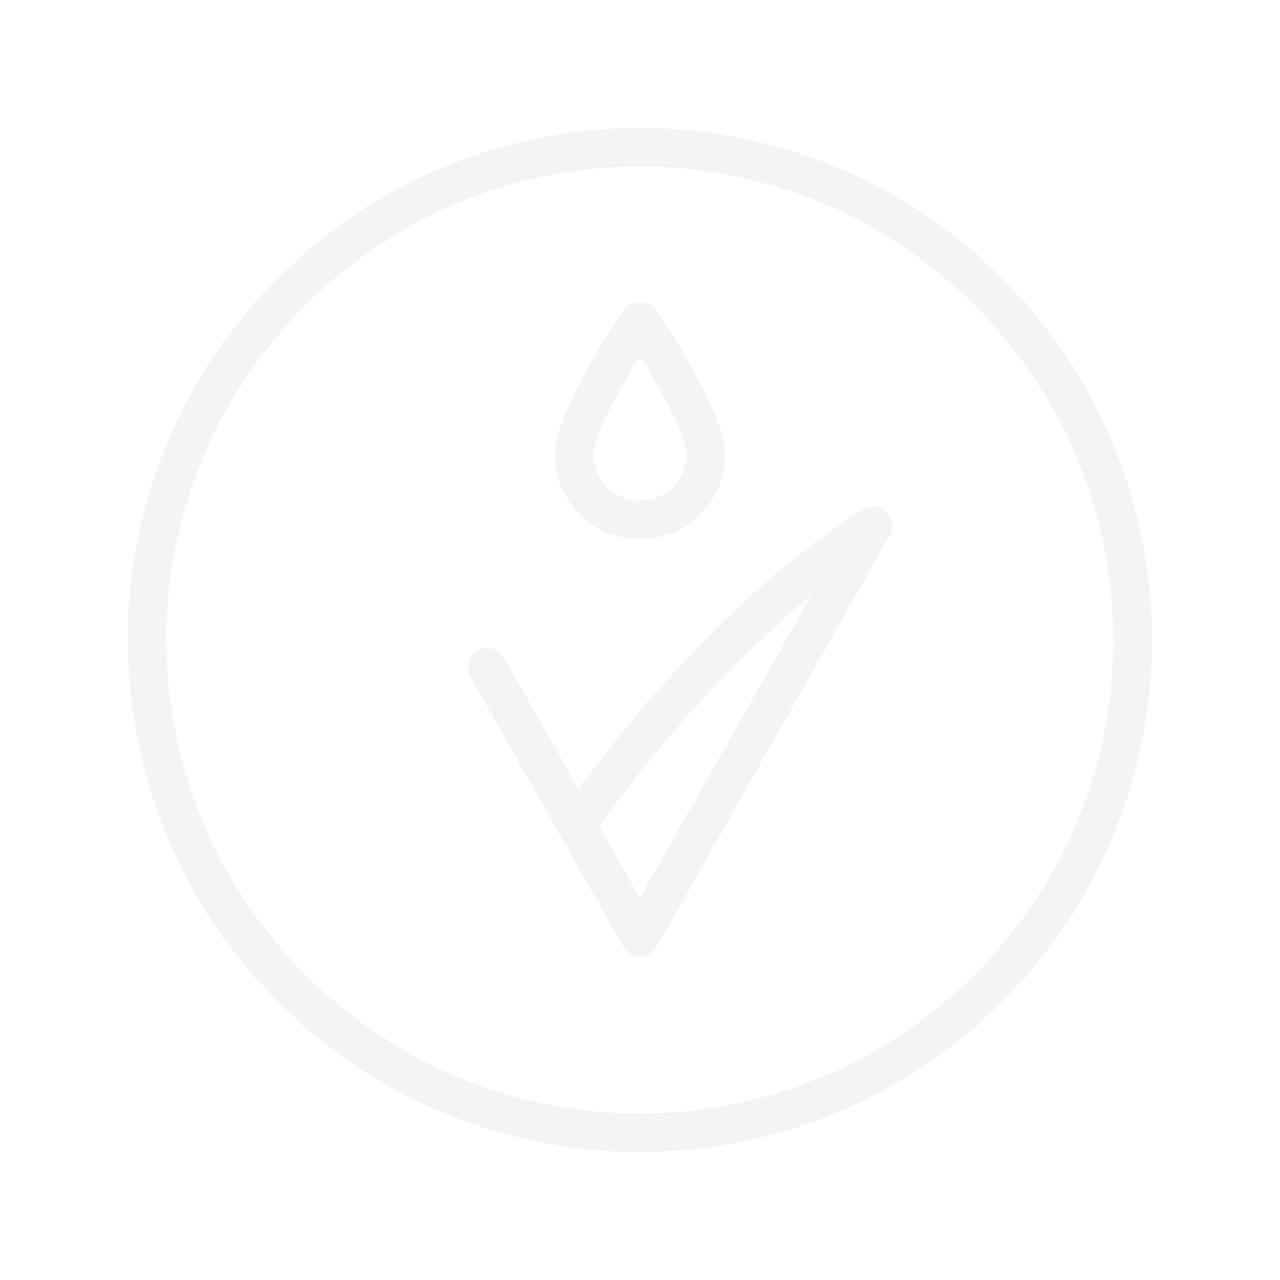 LACOSTE Eau De Lacoste L.12.12 Blanc 50ml Eau De Toilette Gift Set